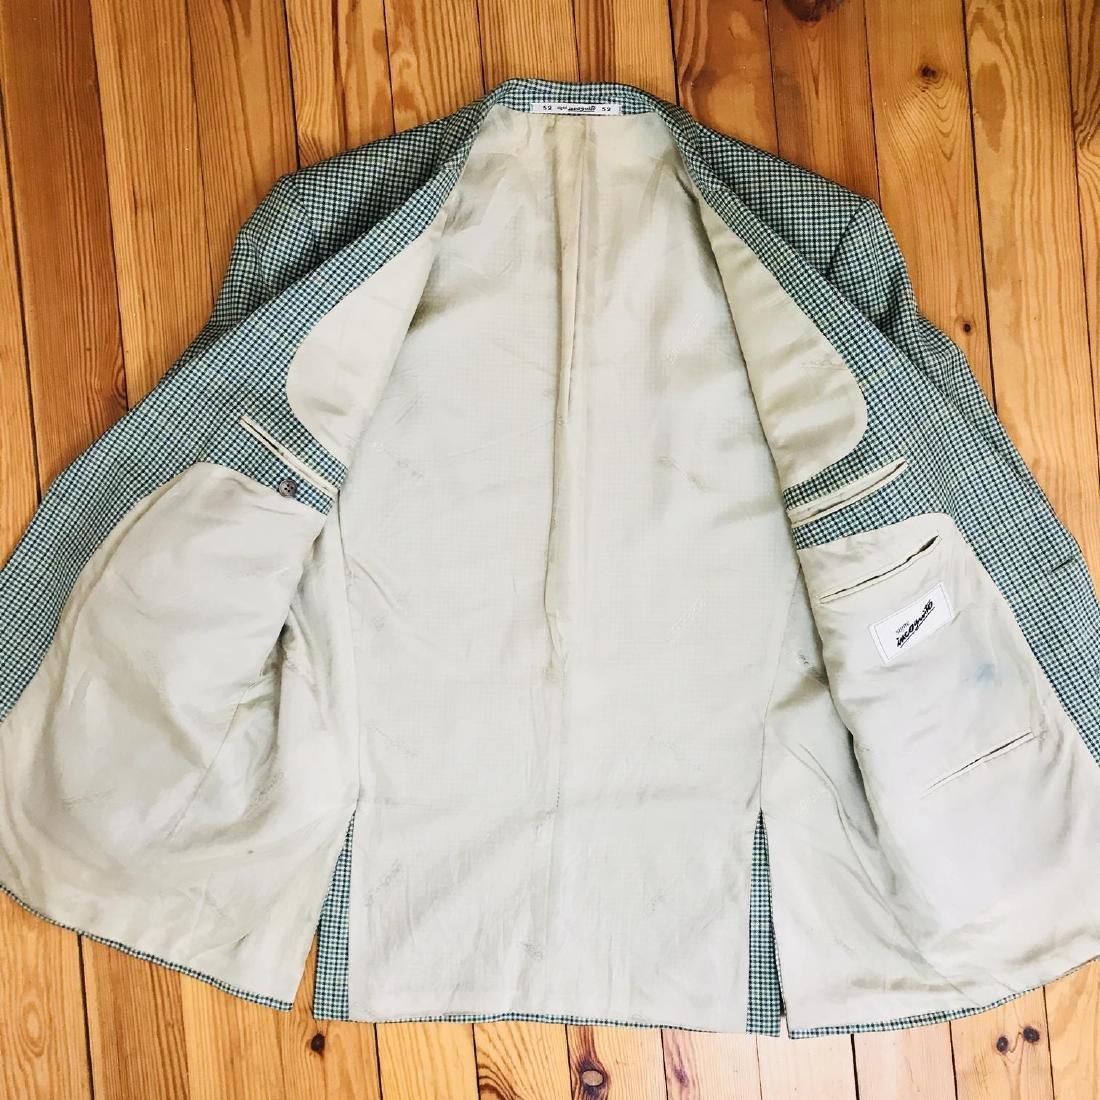 Vintage Men's Jacket Blazer Size US 42 EUR 52 - 7